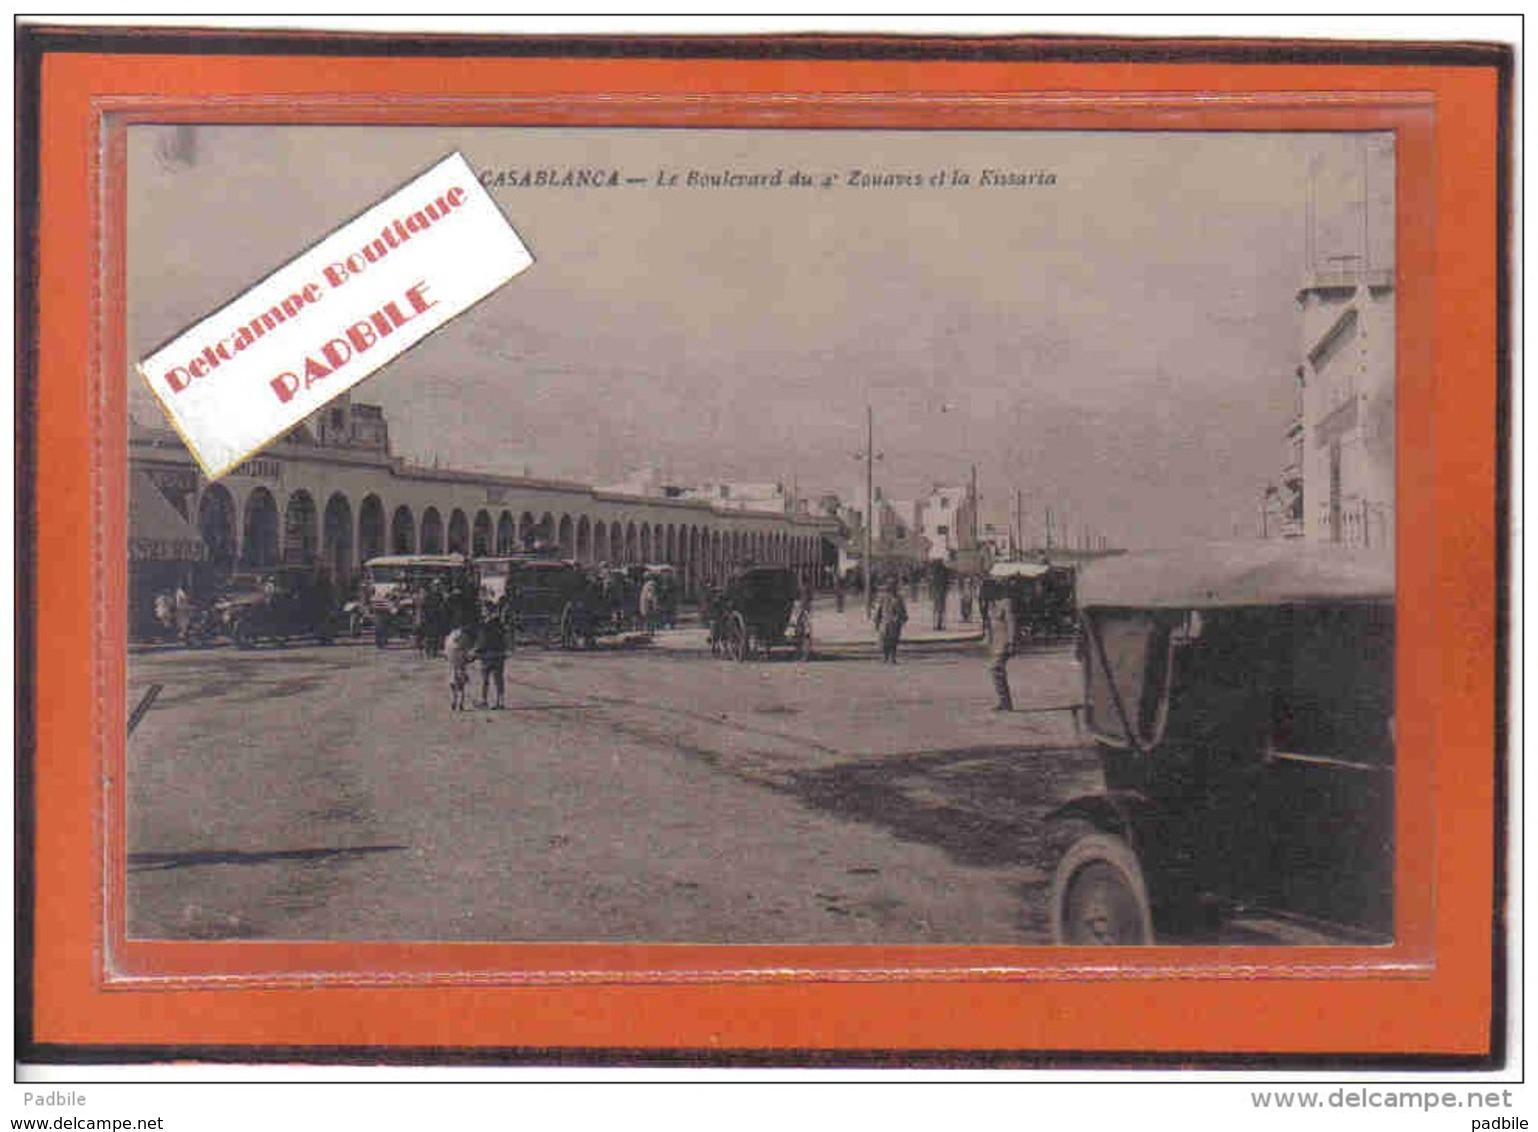 Carte Postale Maroc  Casablanca  Boulevard Du 4è Zouaves Et La Kissaria Et Transport Zakar Trés Beau Plan - Casablanca